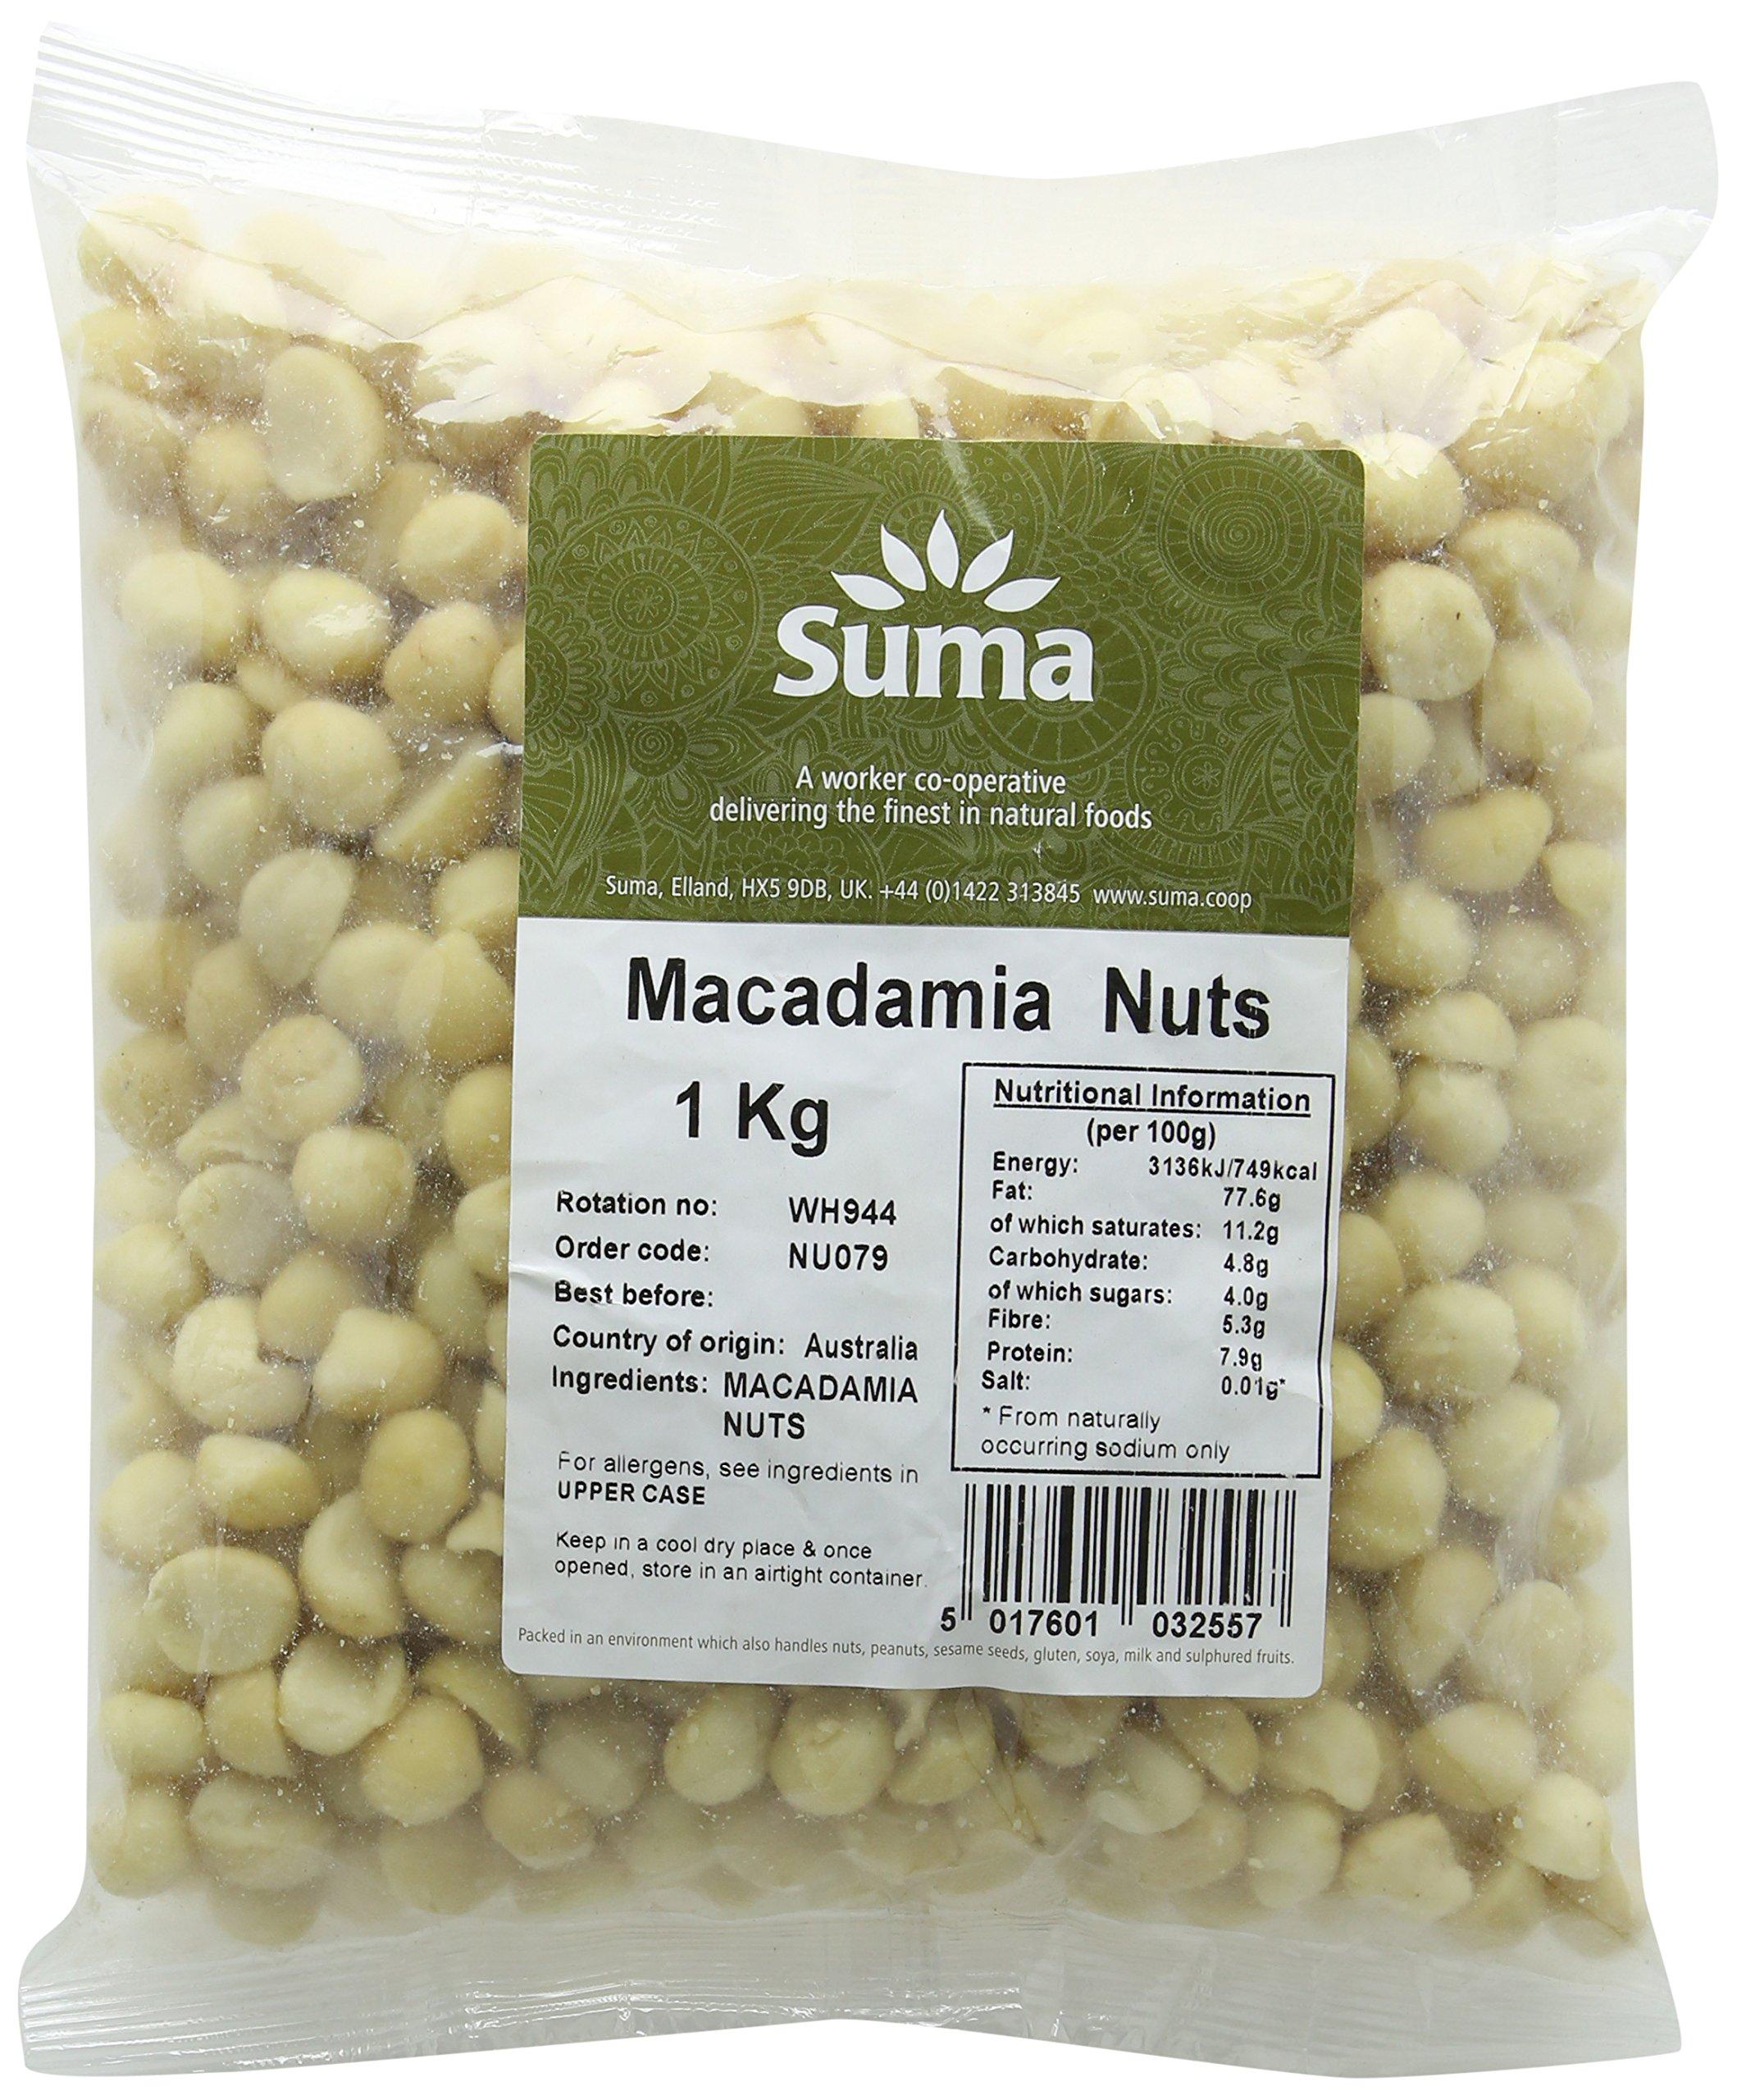 Suma Macadamia Nuts 1 Kg Buy Online In Burkina Faso At Burkinafaso Desertcart Com Productid 49357595